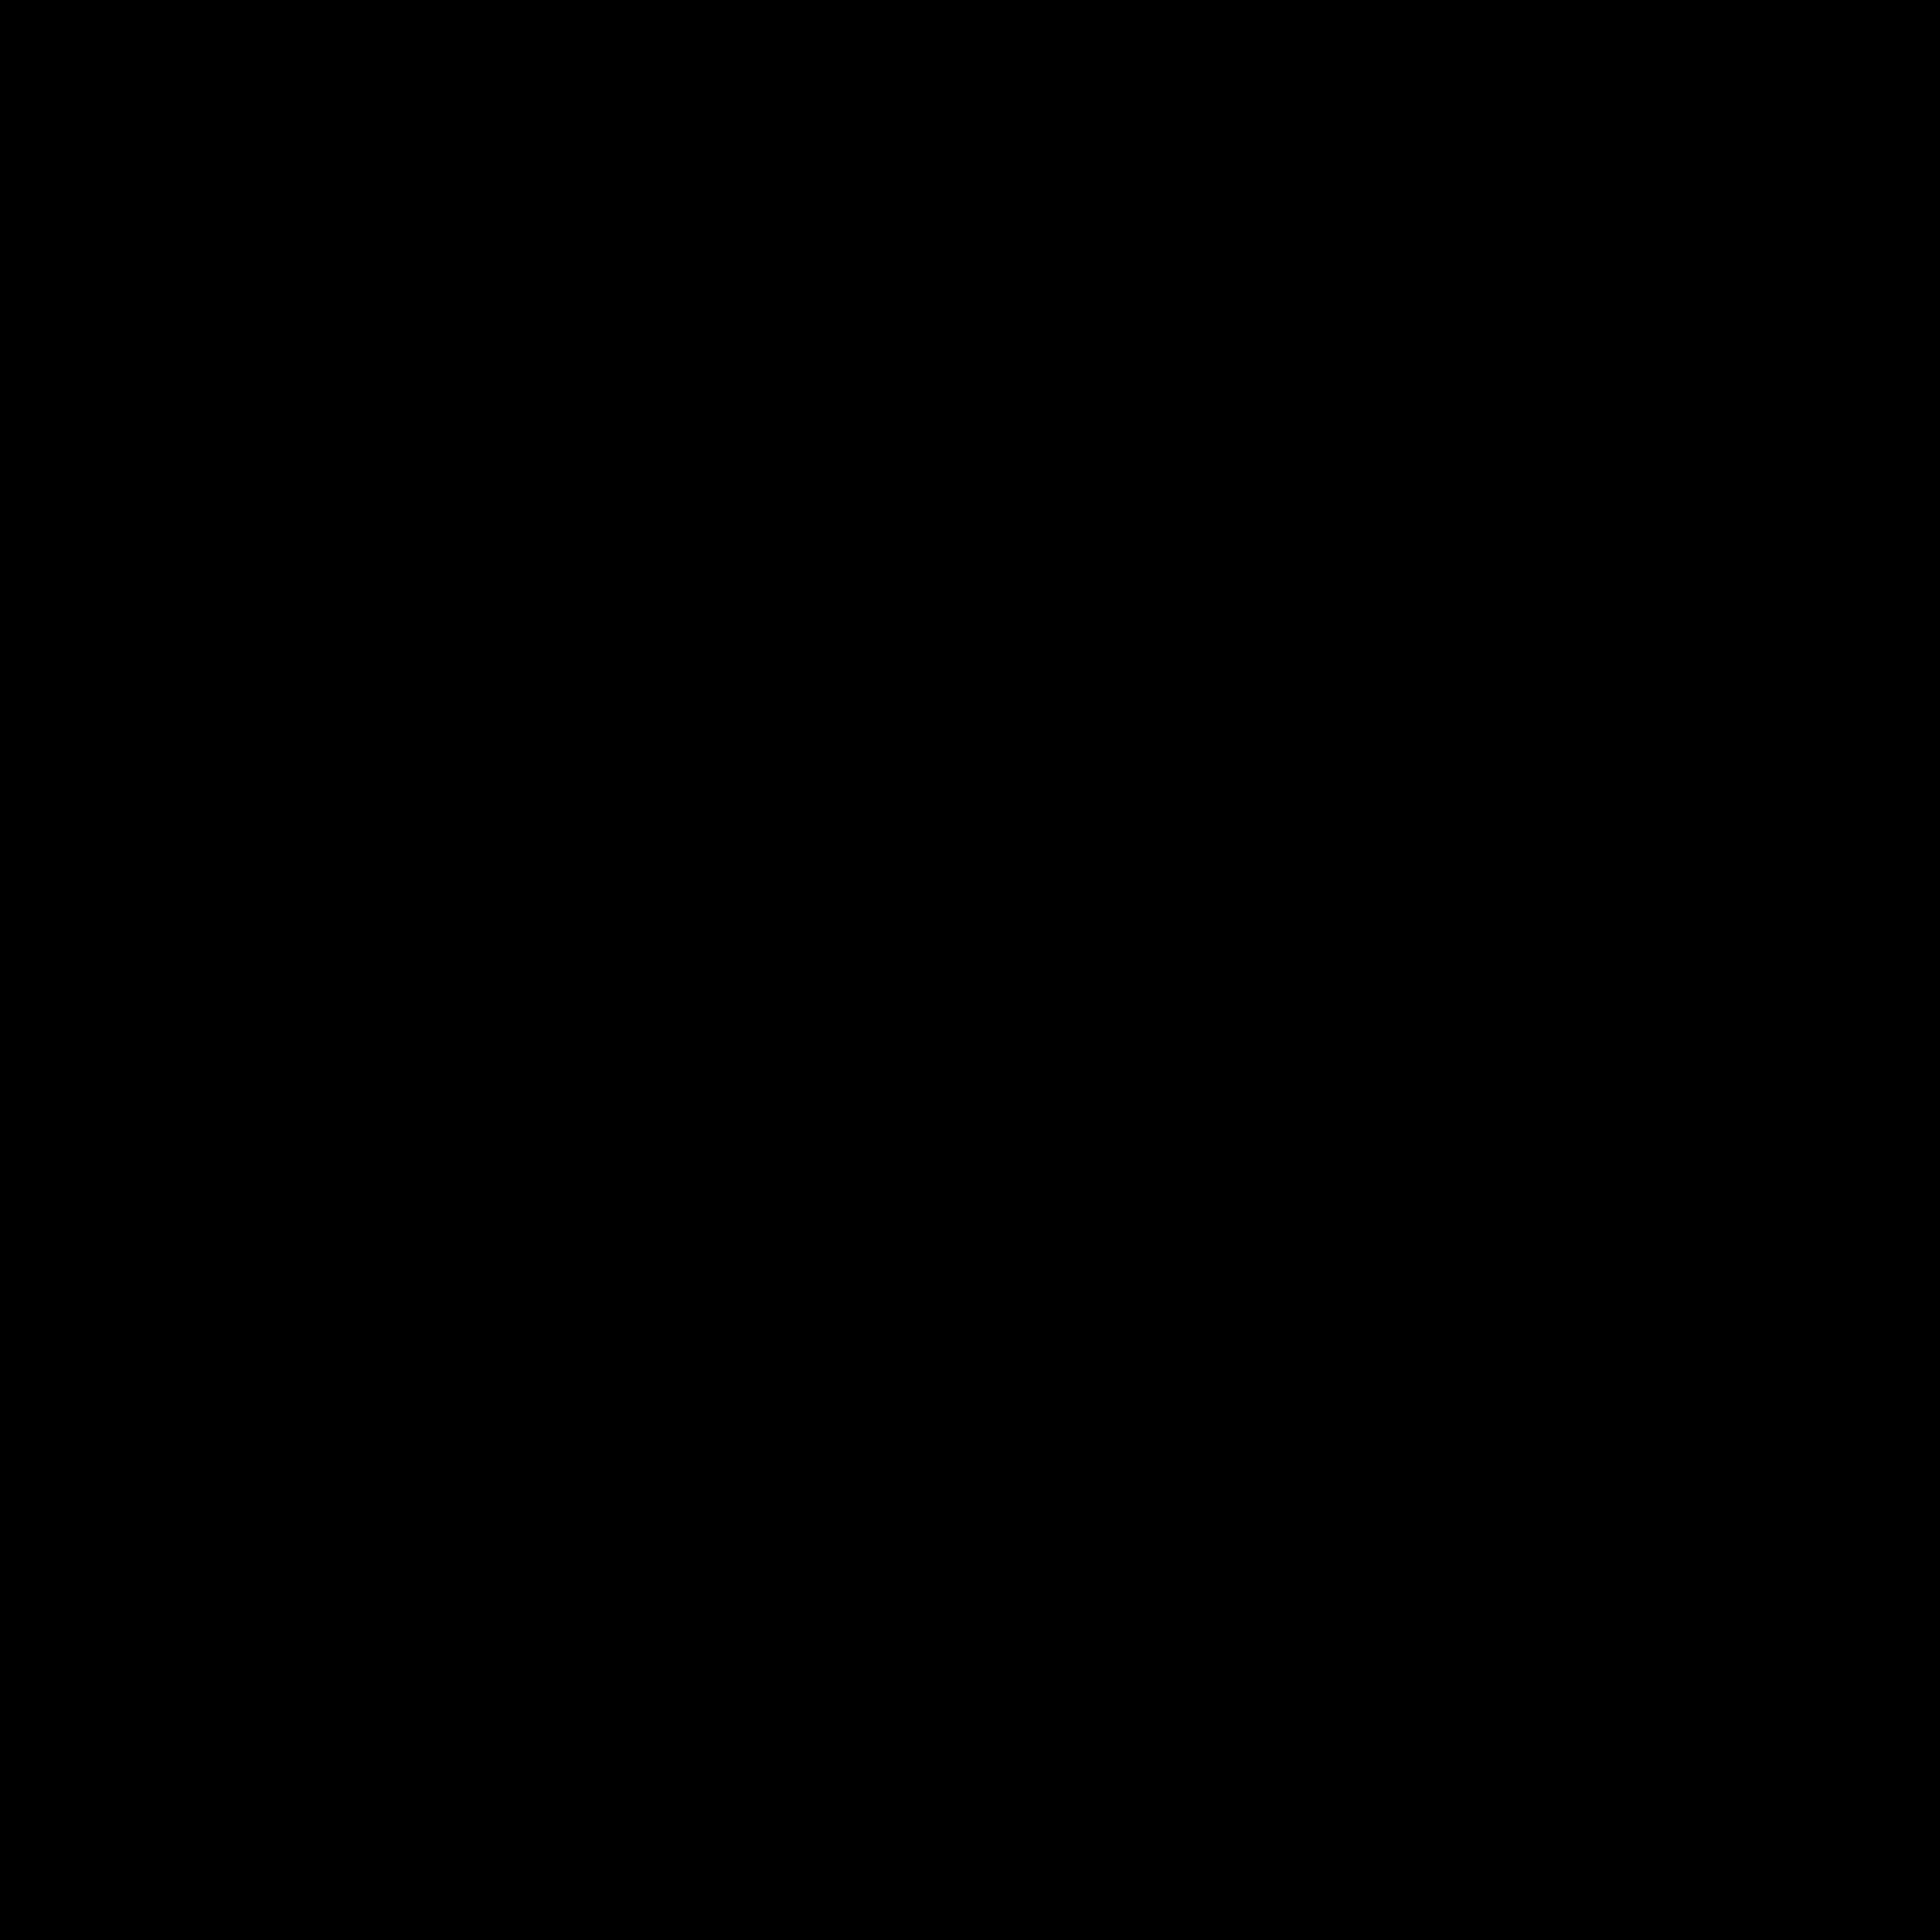 ADAPTADOR PARA CINTA LED 12V 1.5 AMP